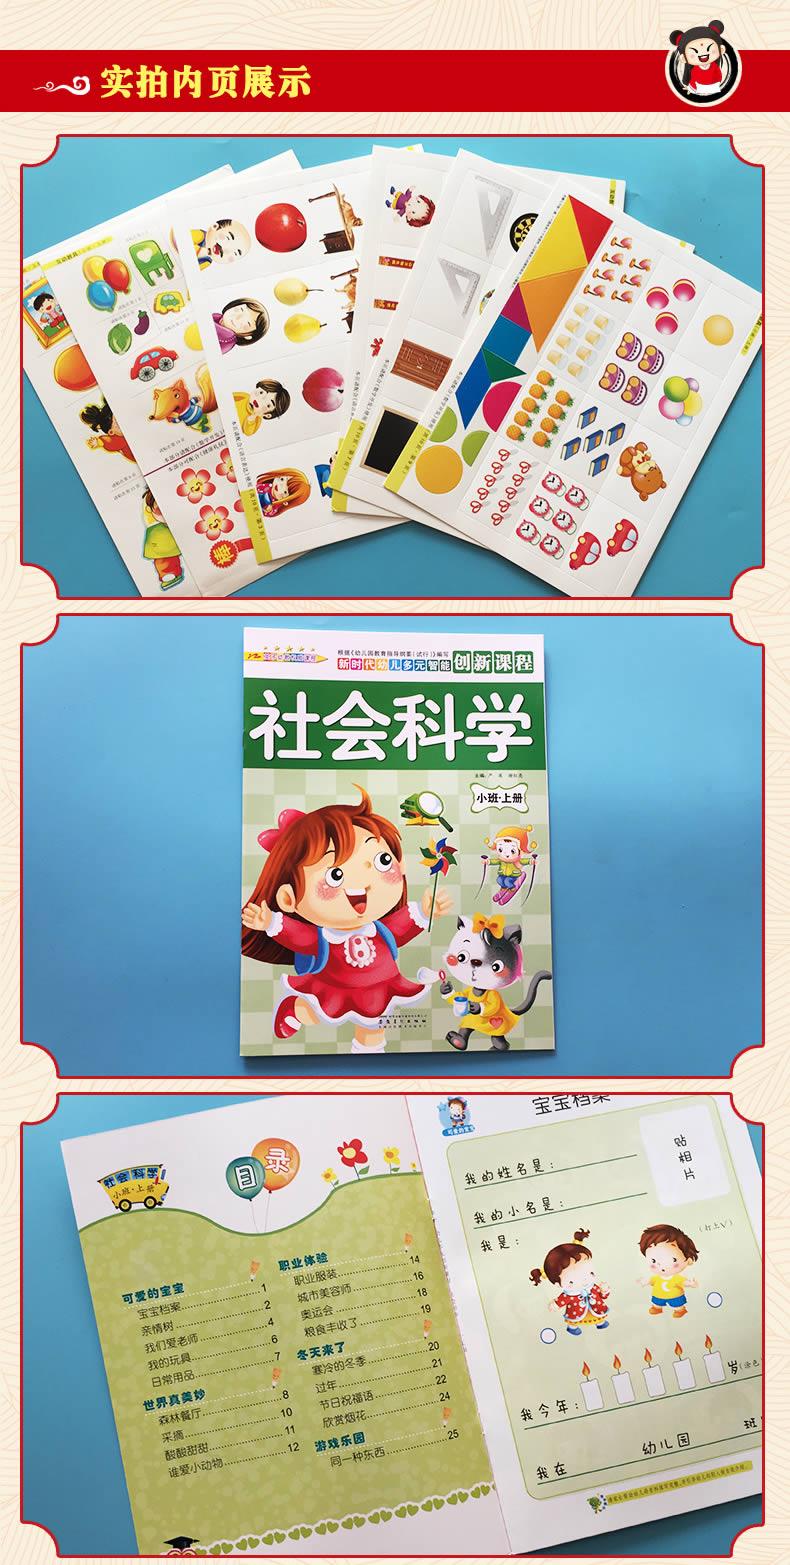 幼儿园小班上册全套5本 正版教材早教全套书本课本送贴画卡片教具2-3